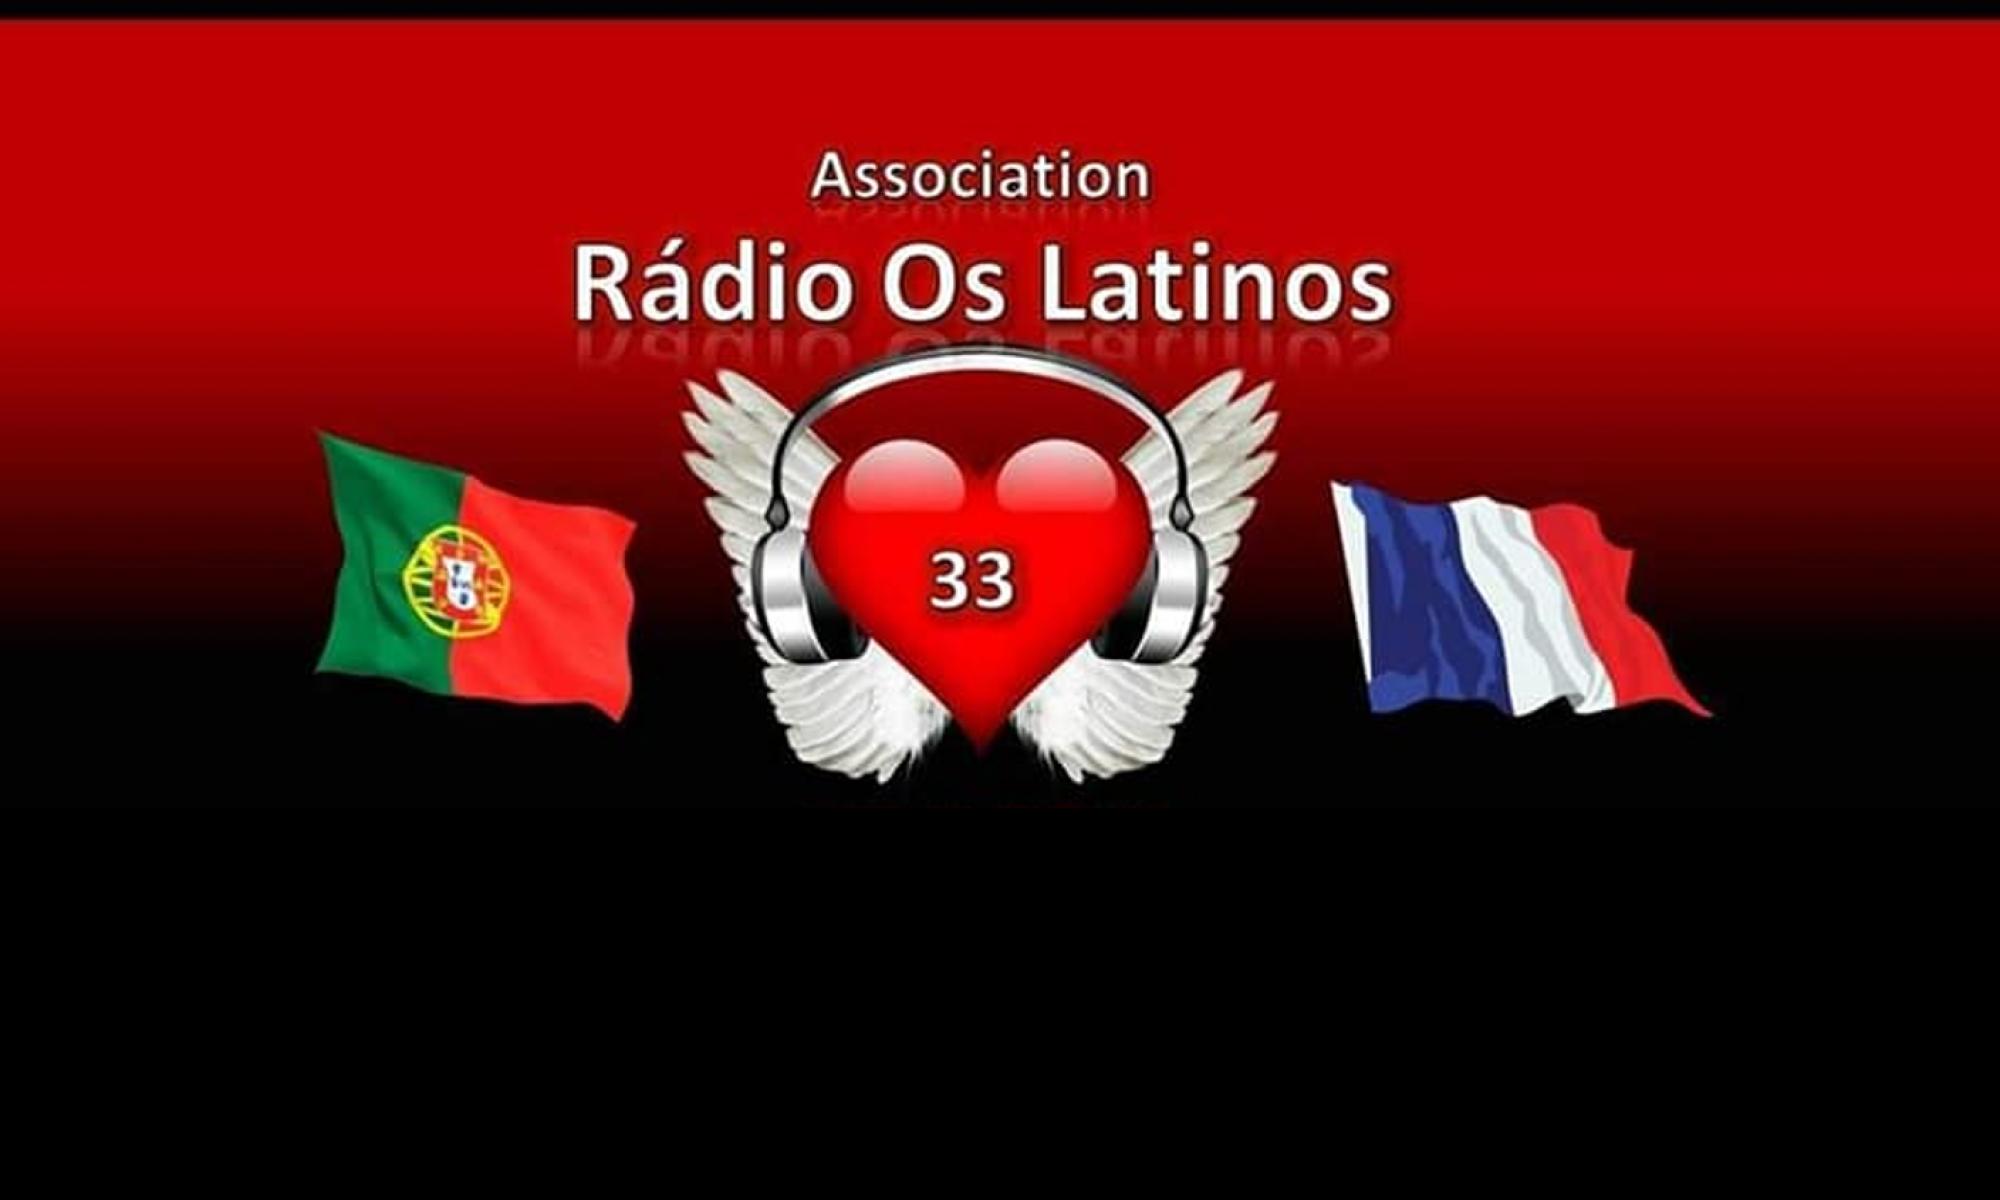 Rádio Os Latinos